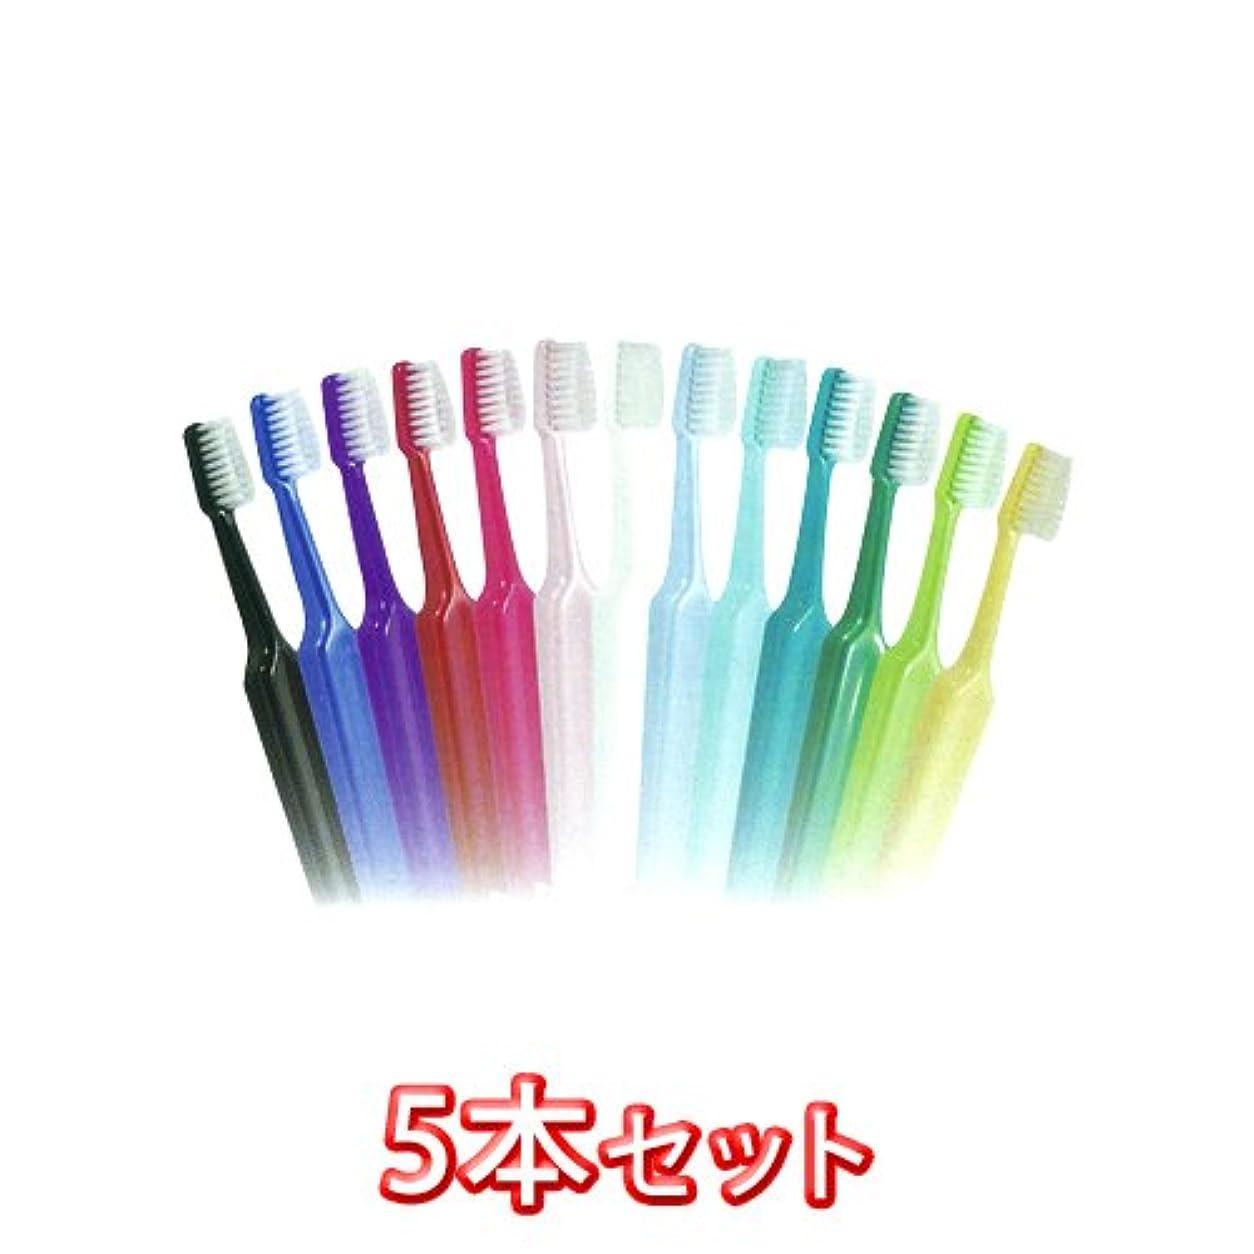 気性ティッシュ蒸留クロスフィールド TePe テペ セレクトミニ 歯ブラシ× 5本入 ソフト